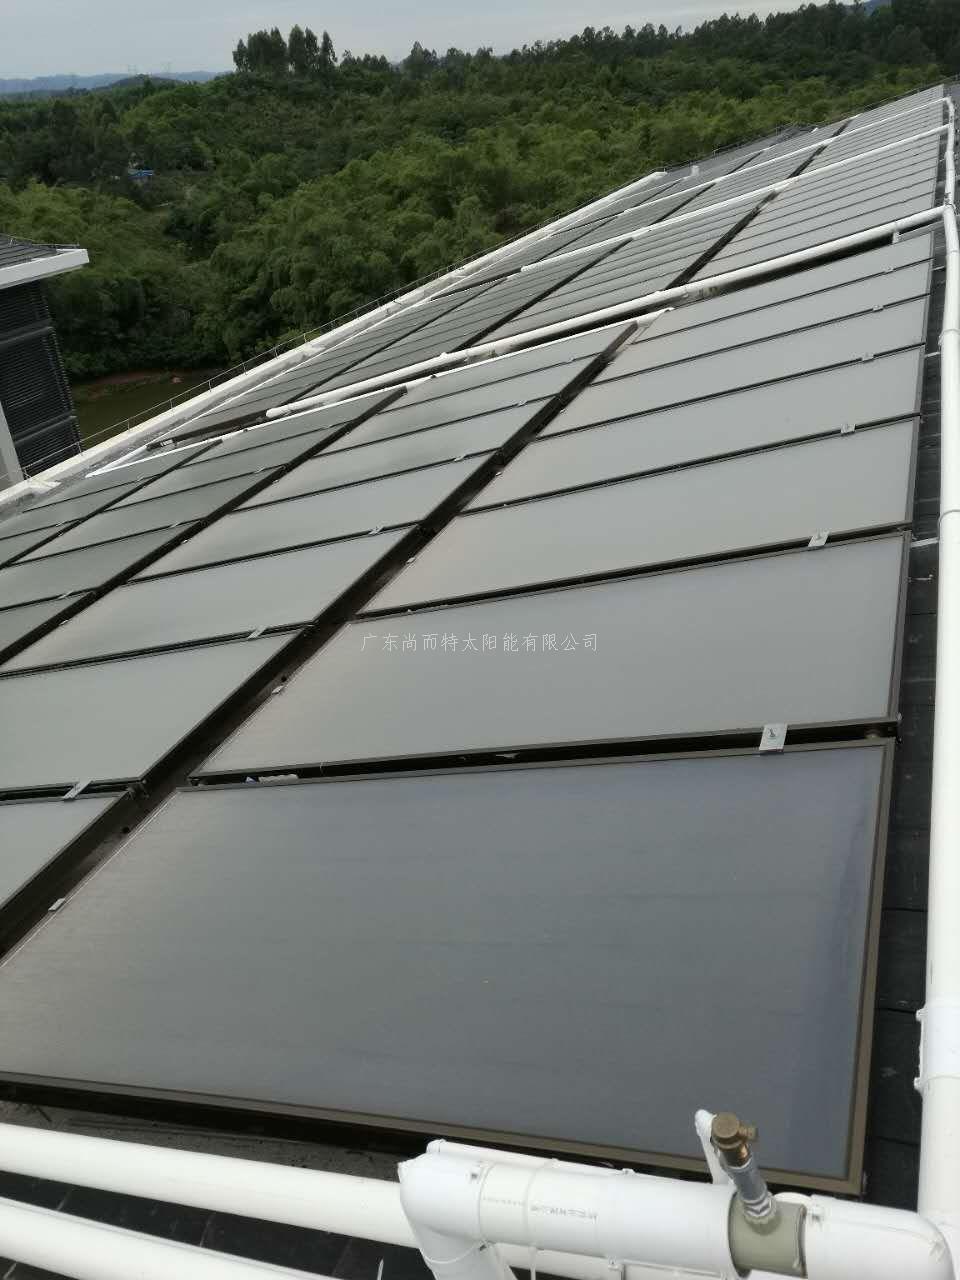 斜屋面平板太阳能热水系统